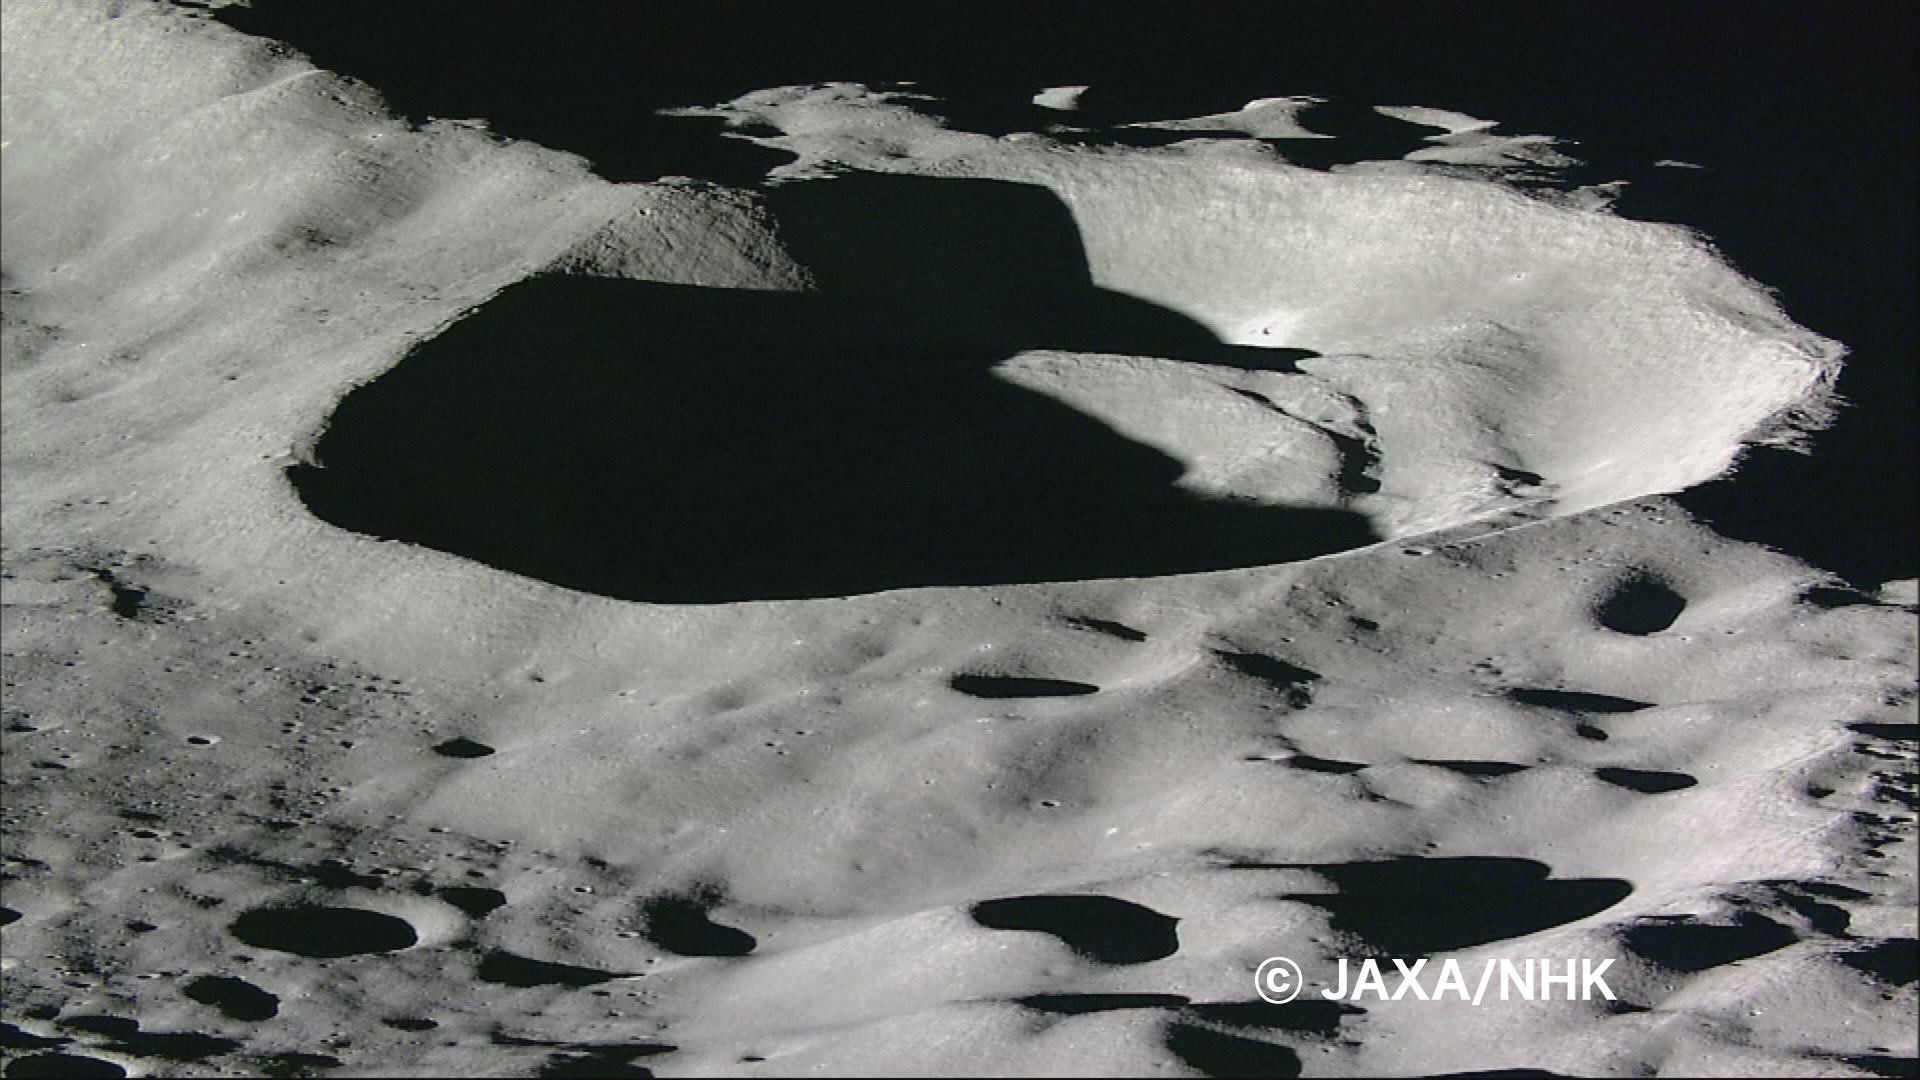 Le cratère Drygalski P survolé par Kaguya quelues instants avant de sécraser